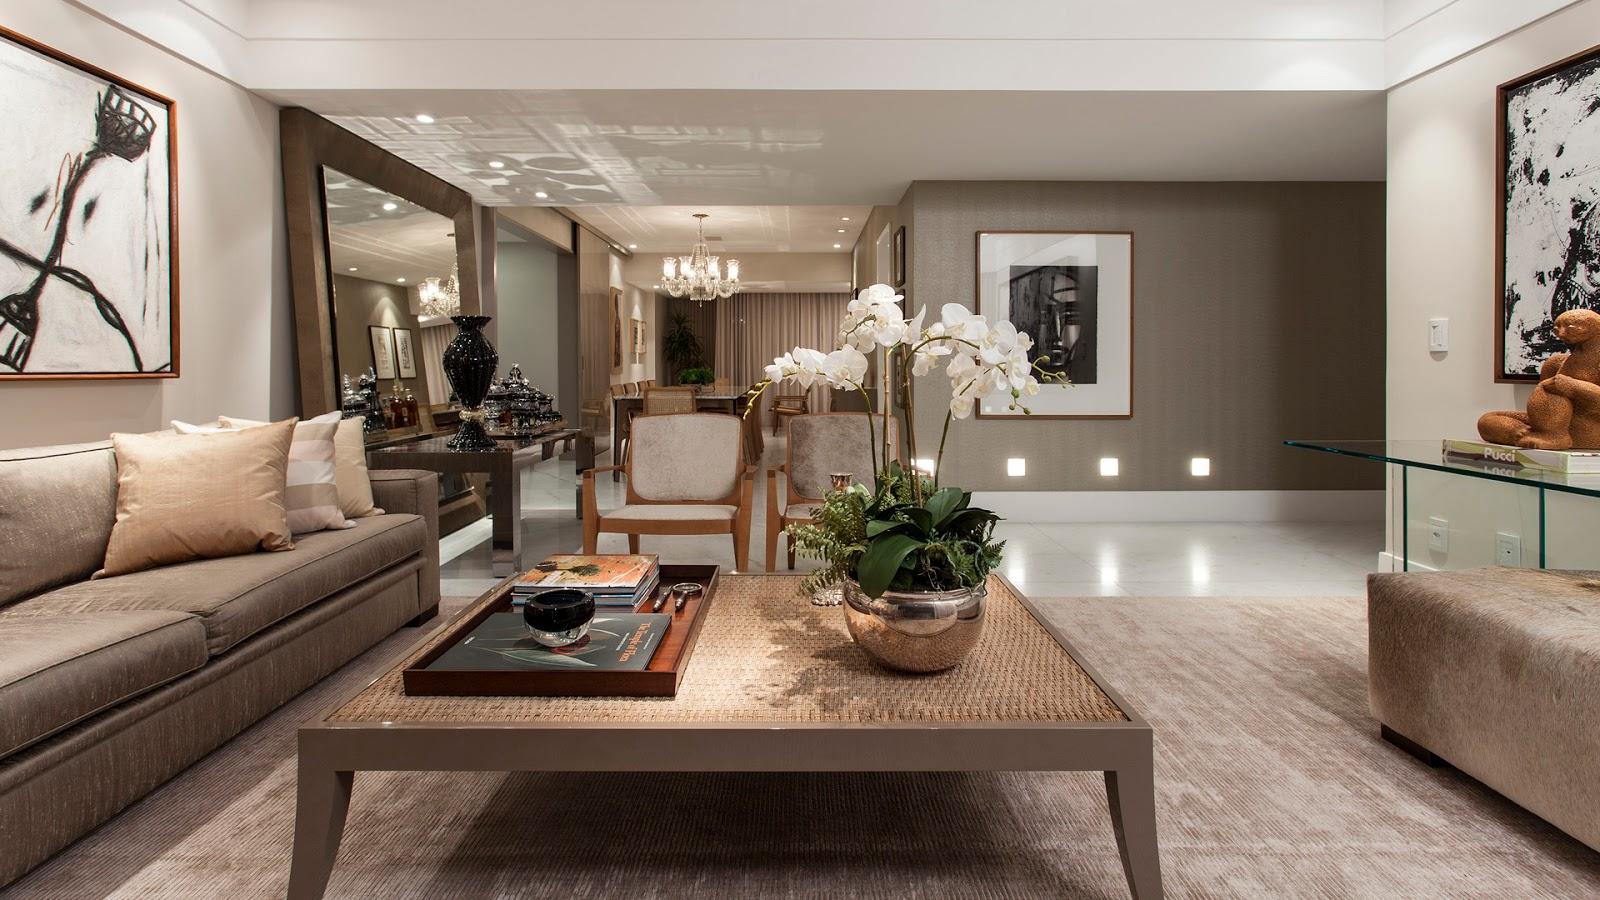 Sala De Estar Na Cor Branca ~ Salas de estar, jantar, tv, bate papo e varanda decoradas com cor